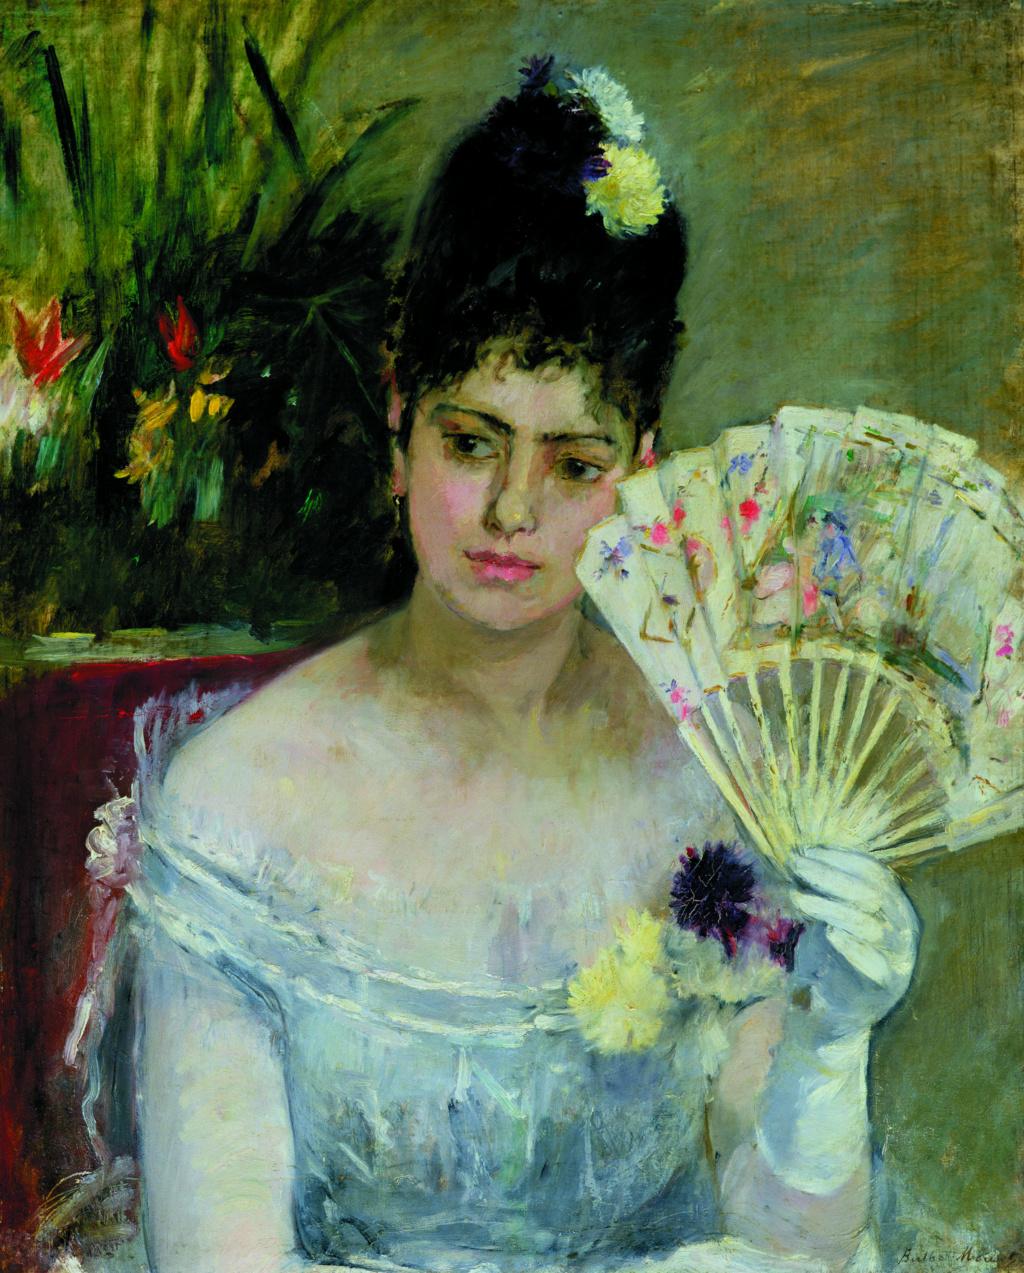 Bologna Palazzo Albergati, dal 29 agosto 2020 al 14 febbraio 2021, Monet e gli Impressionisti. Da Parigi a Bologna i capolavori del Musée Marmottan 10563710